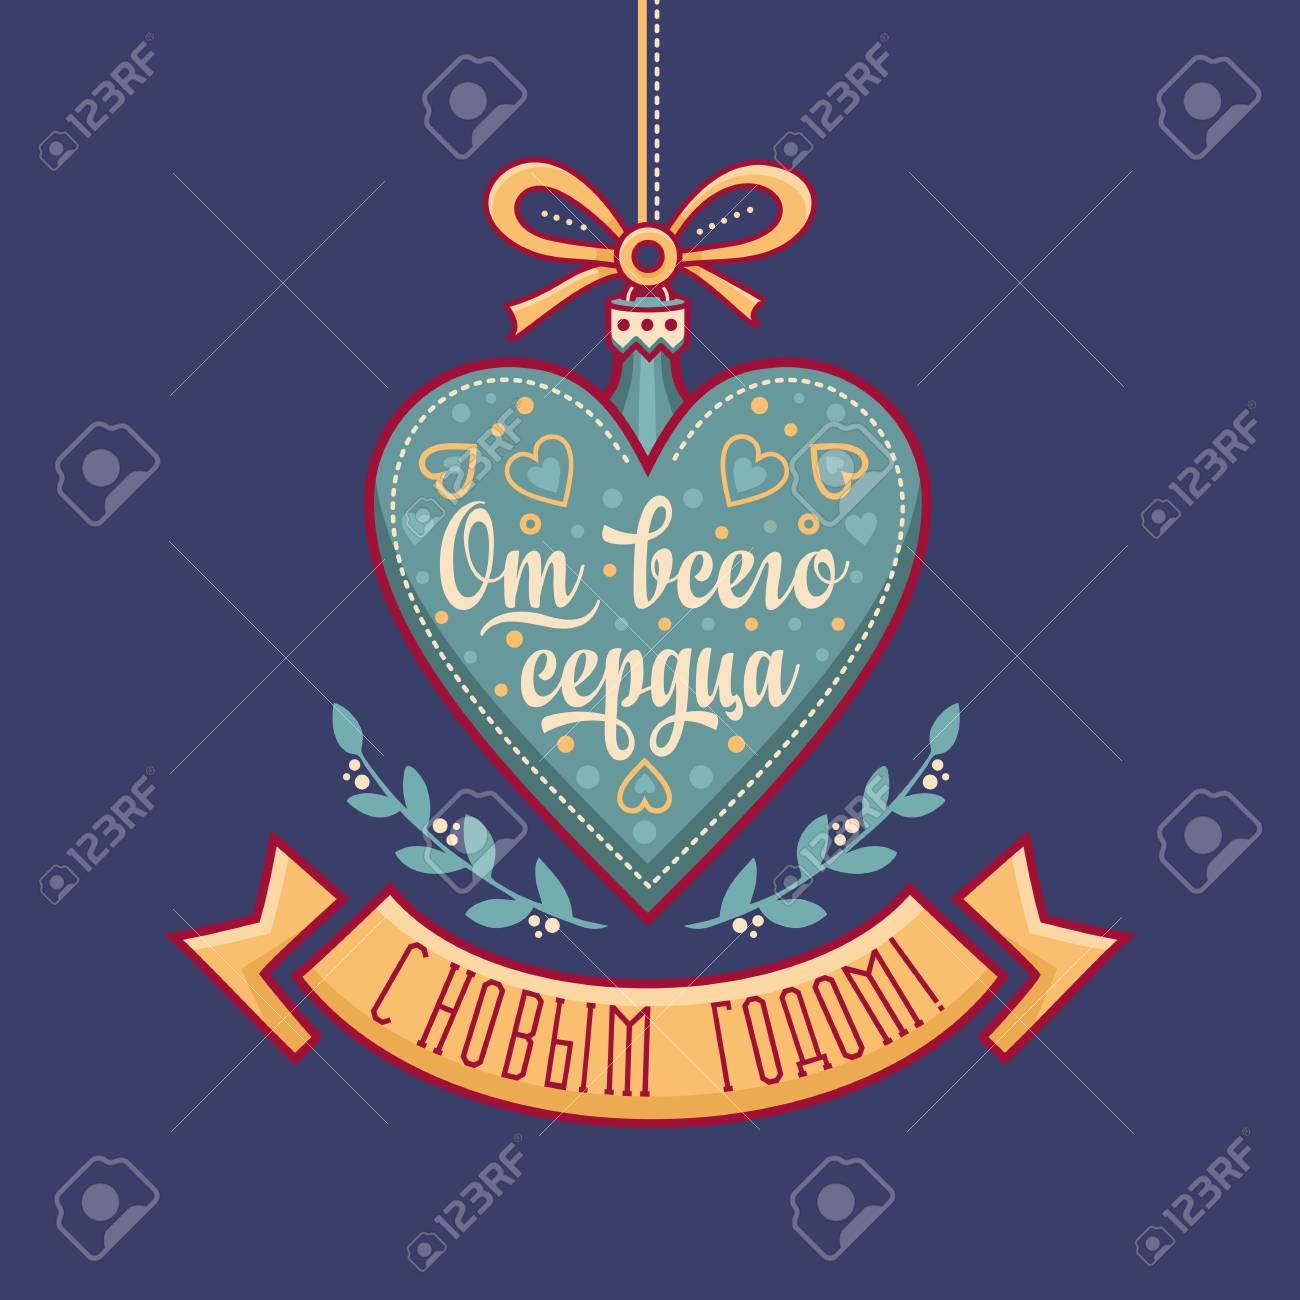 Tarjeta De Año Nuevo Decoración Colorida Del Día De Fiesta Composición De Letras Con La Frase En Idioma Ruso Deseos Calurosos Para Las Buenas